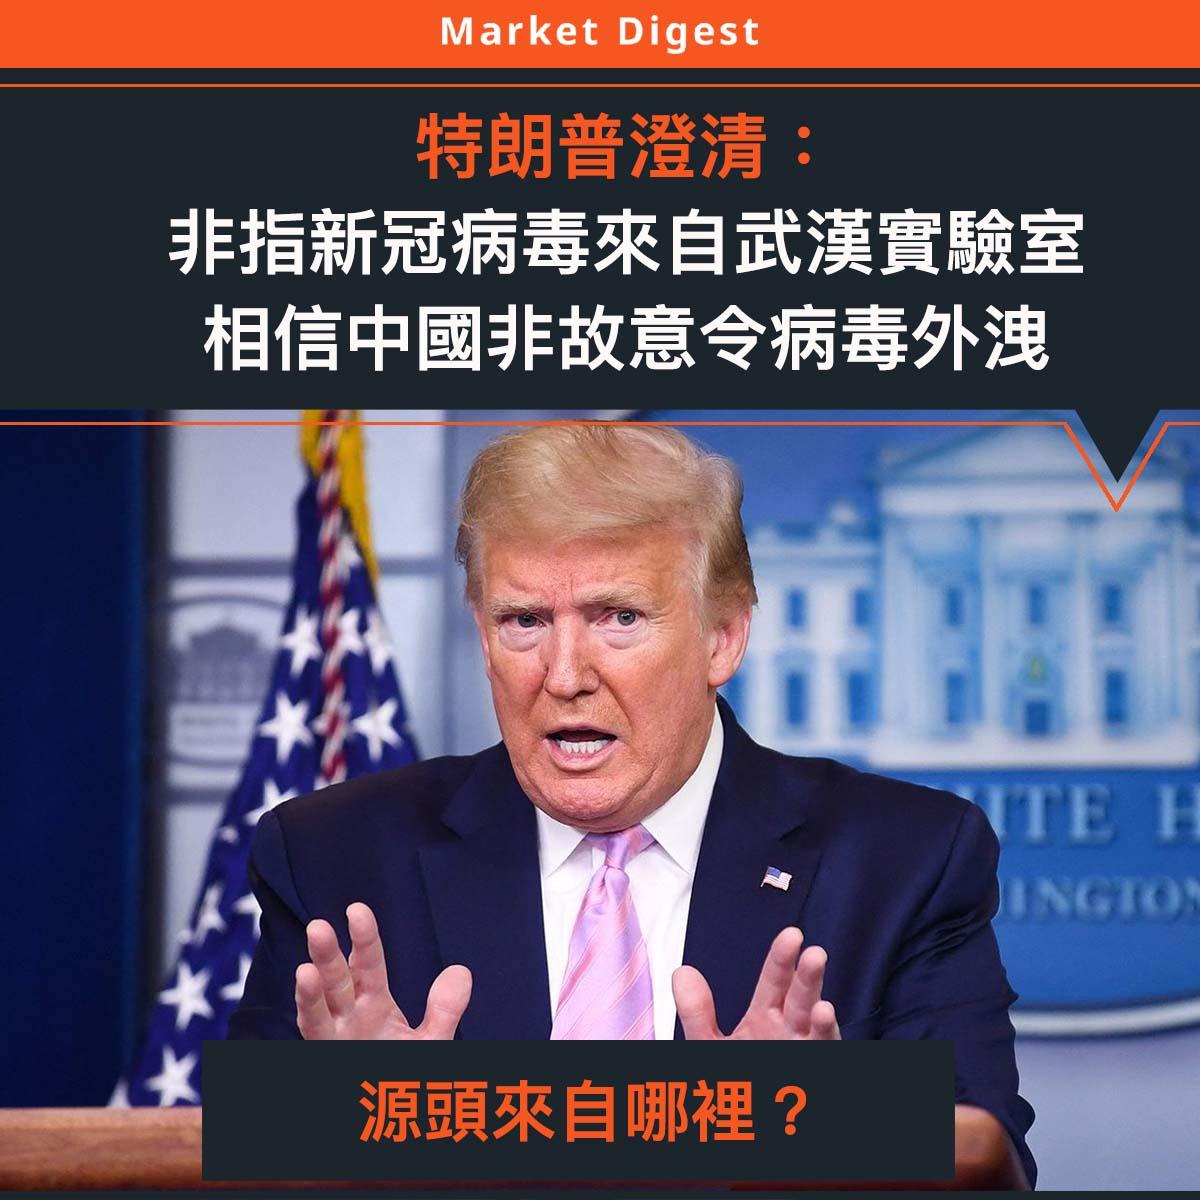 【#市場熱話】特朗普澄清:非指新冠病毒來自武漢實驗室,信中國非故意令病毒外洩